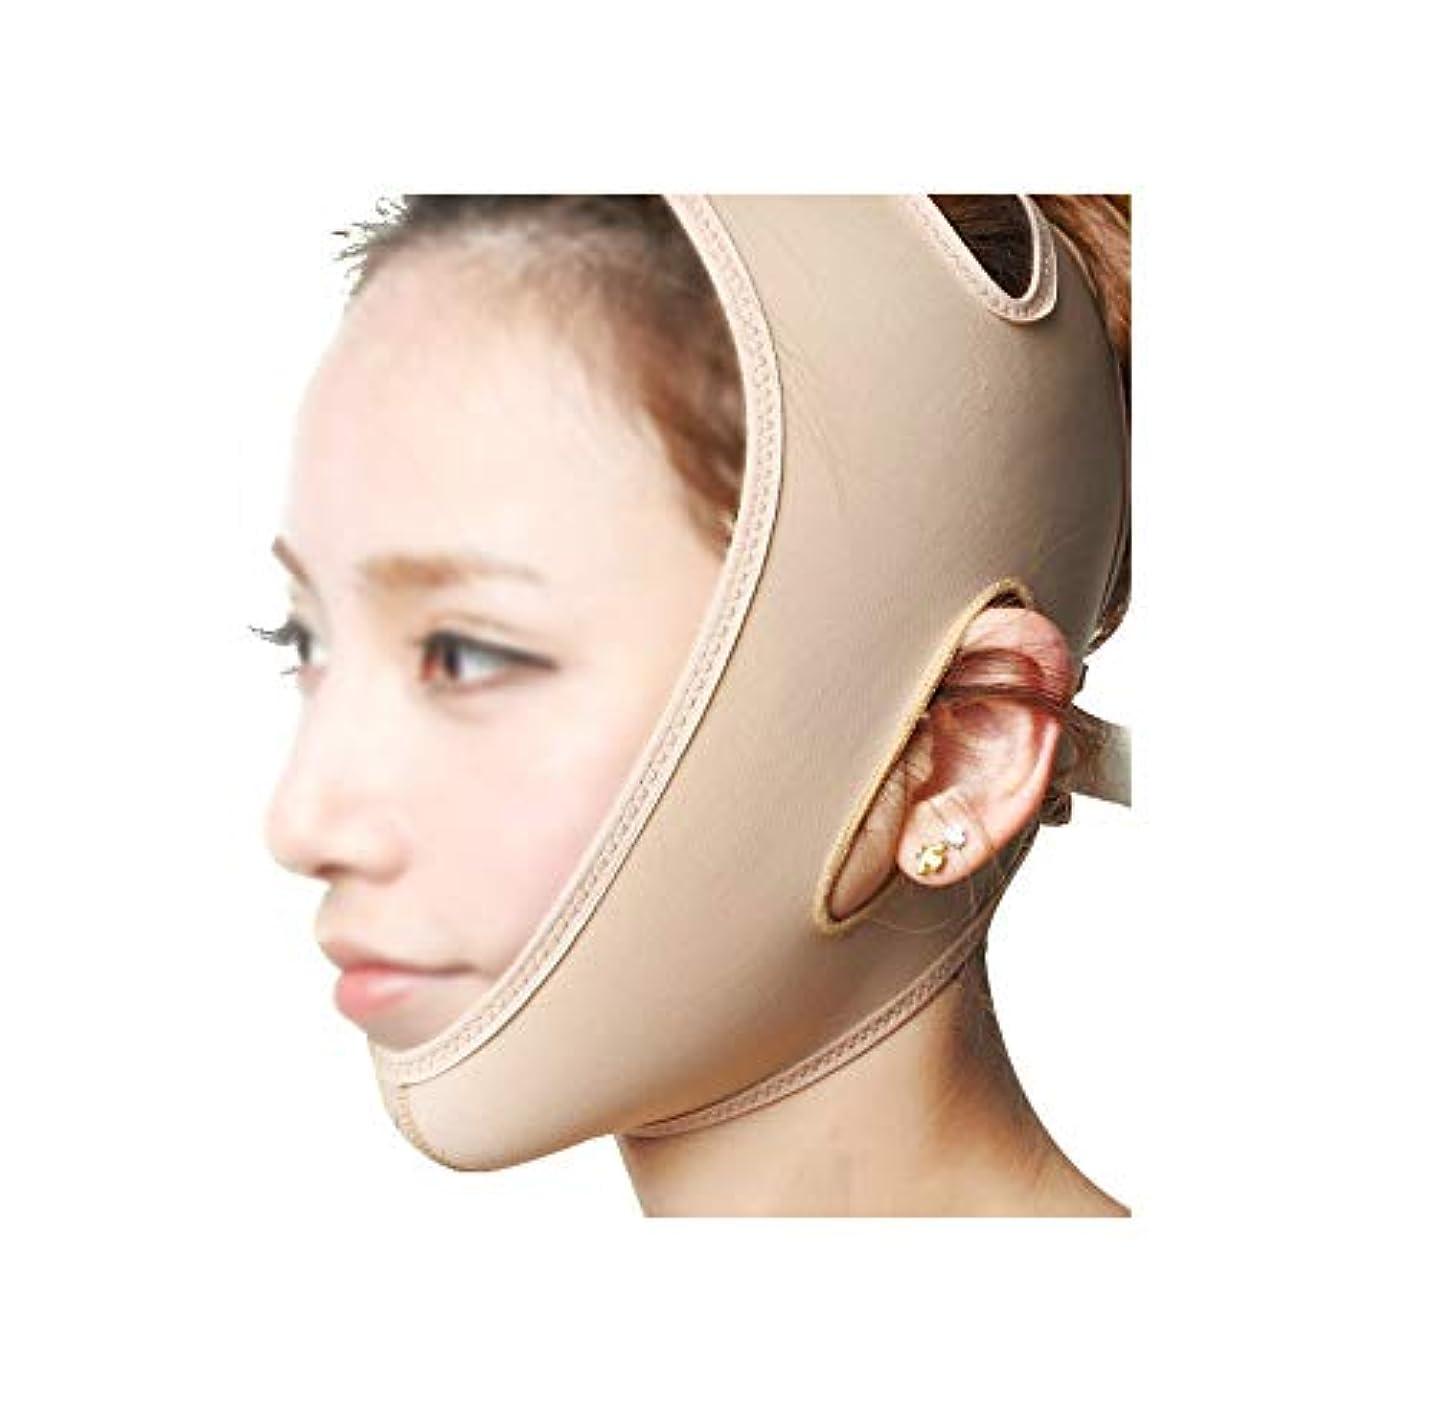 大きなスケールで見るとスリットメロディアスXHLMRMJ フェイスリフティングバンデージ、フェイスマスク3Dパネルデザイン、通気性のある非通気性、高弾性ライクラ生地フィジカルVフェイス、美しい顔の輪郭の作成 (Size : M)